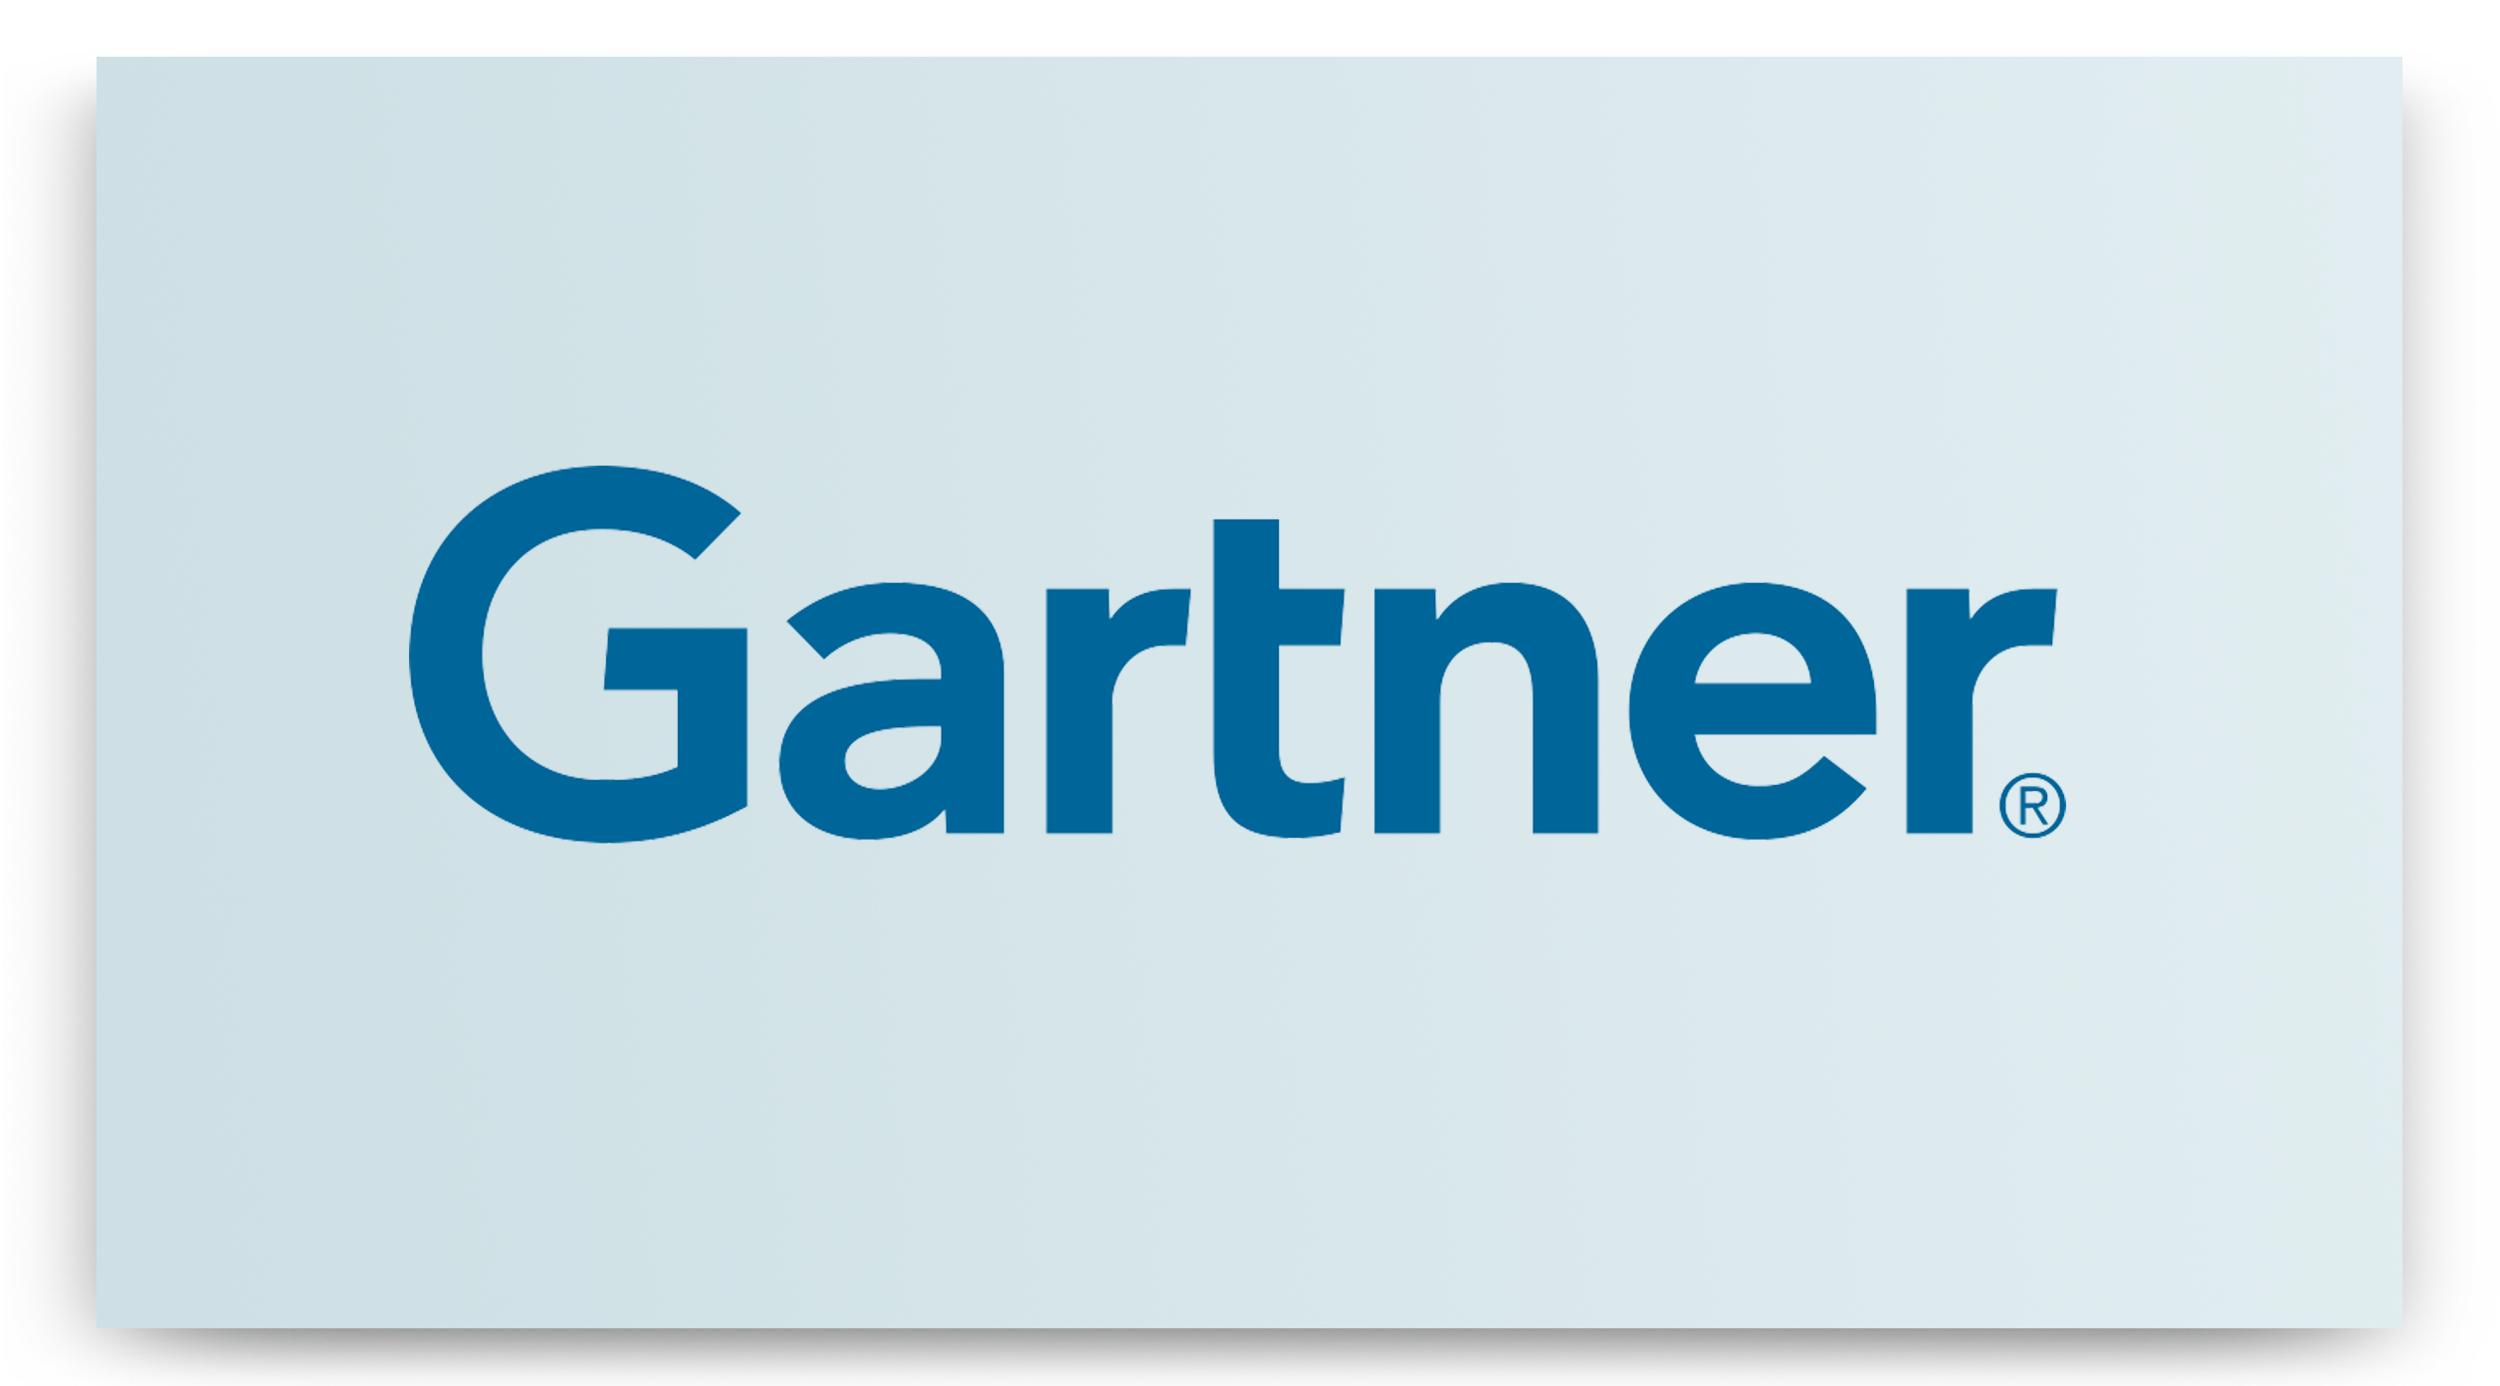 gartner-zincfive-01.png